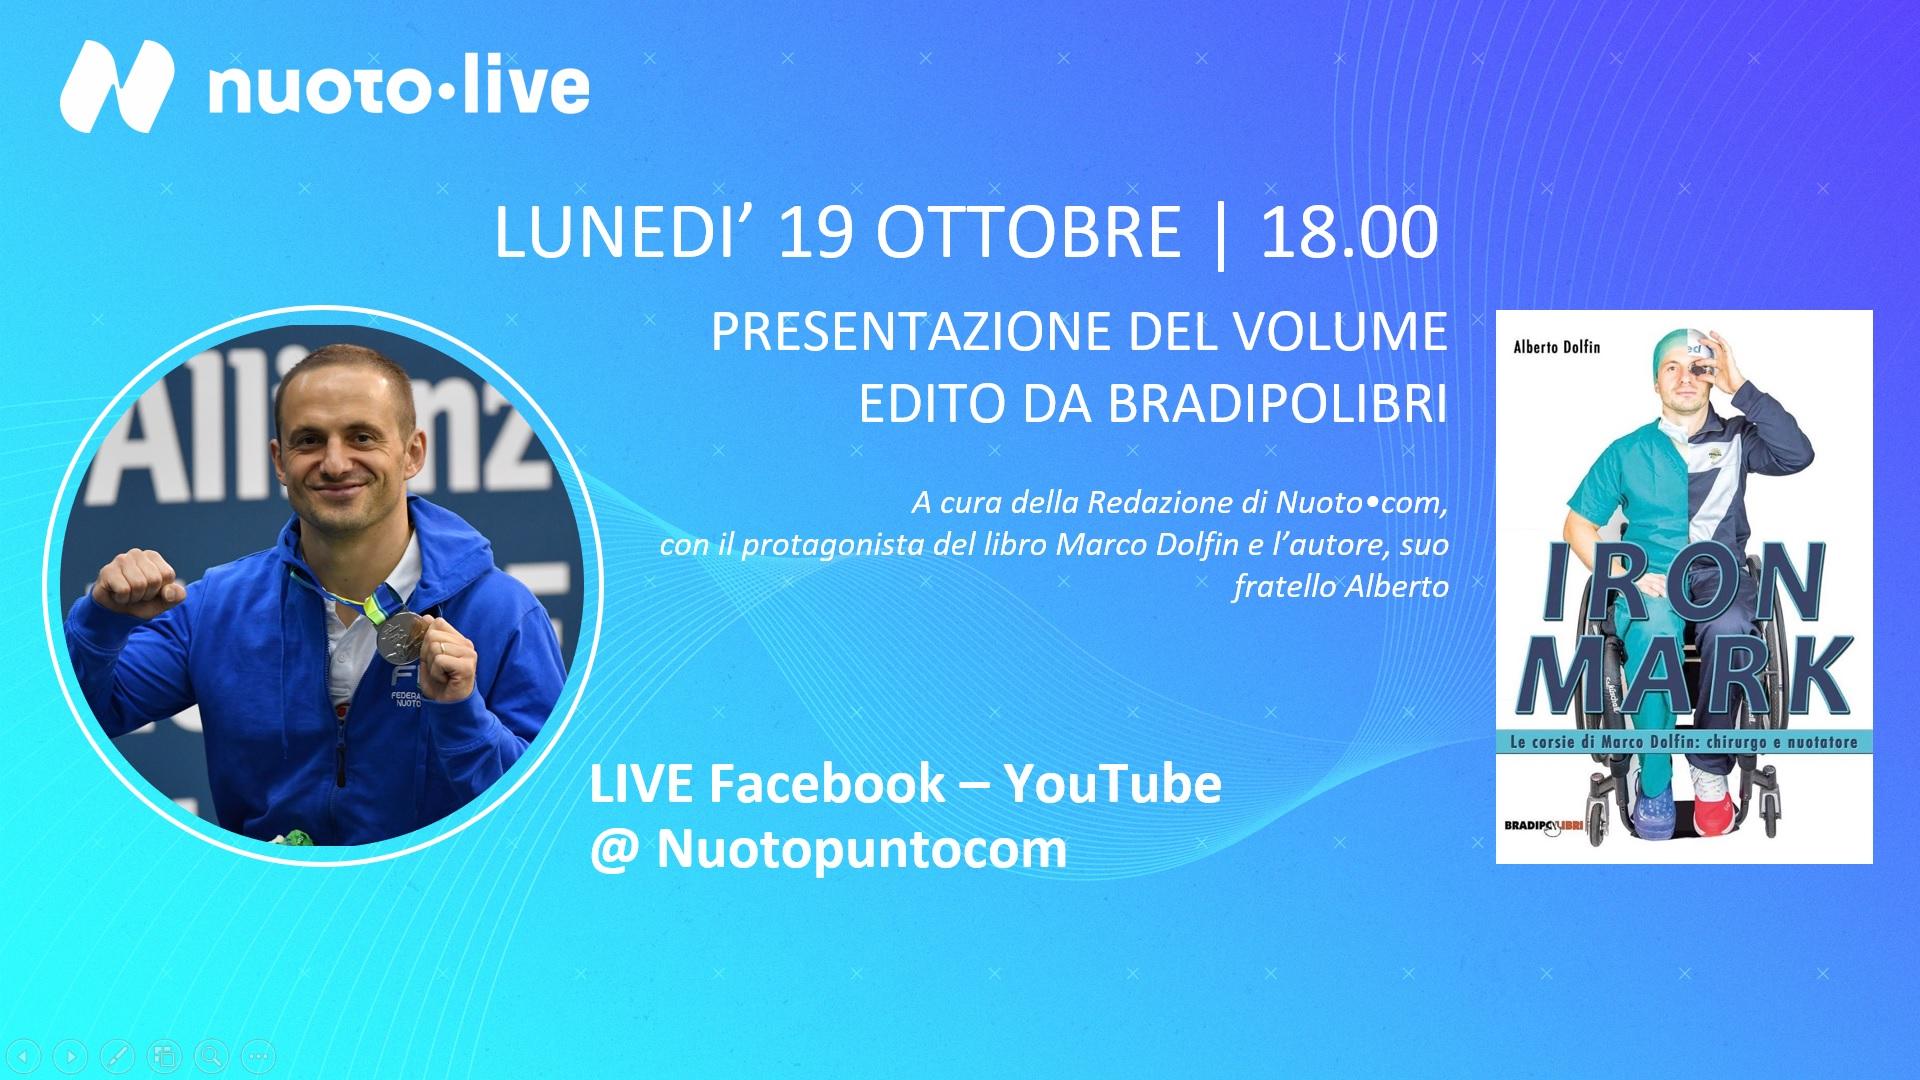 Iron Mark a Nuotopuntolive: oggi alle 18 la presentazione live su Facebook e Youtube